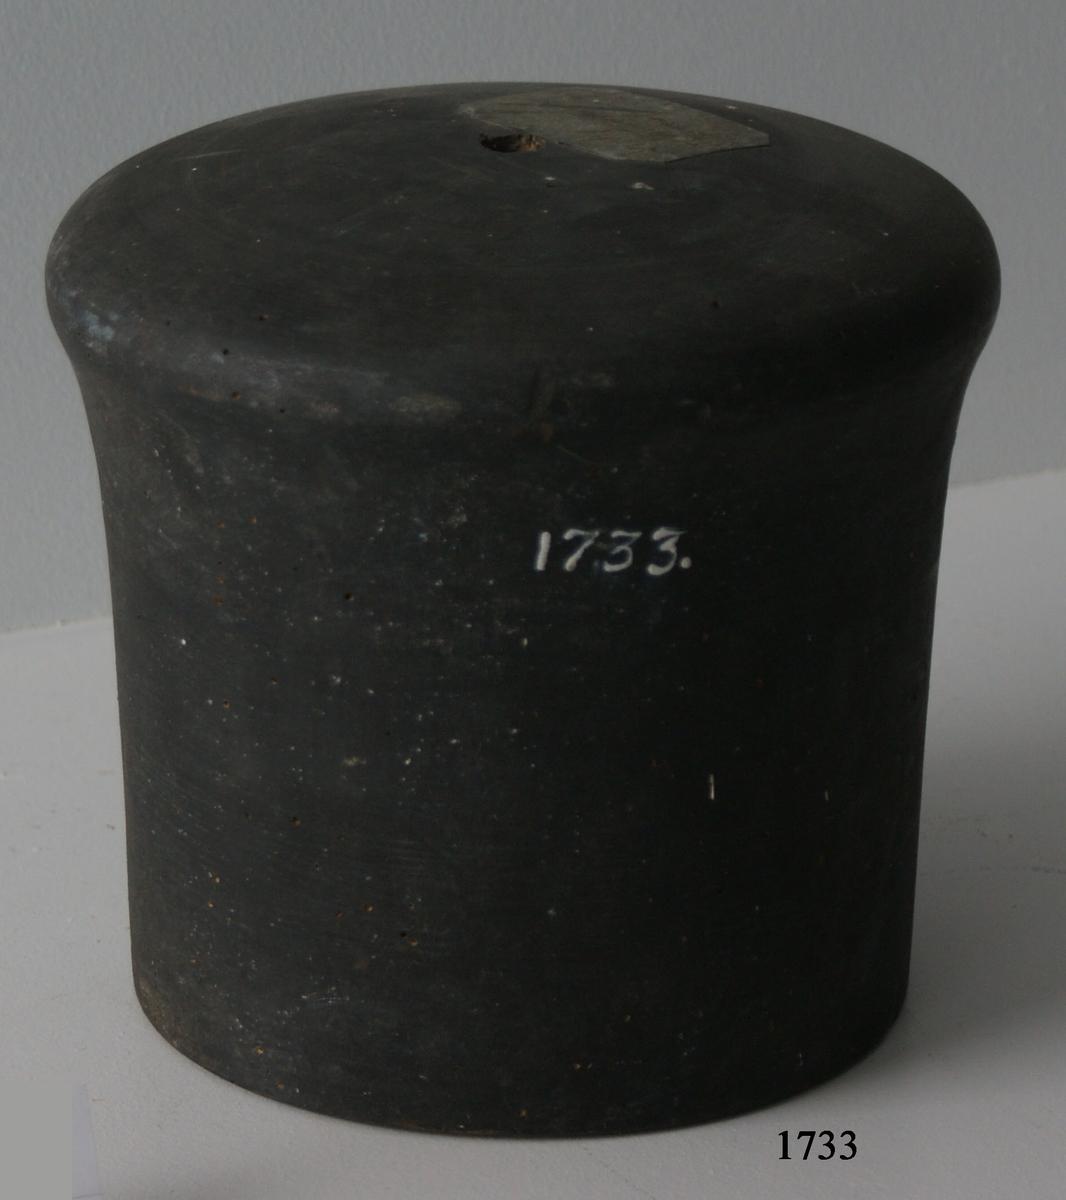 Mynningspropp av trä, till 30-pund bombkanon.